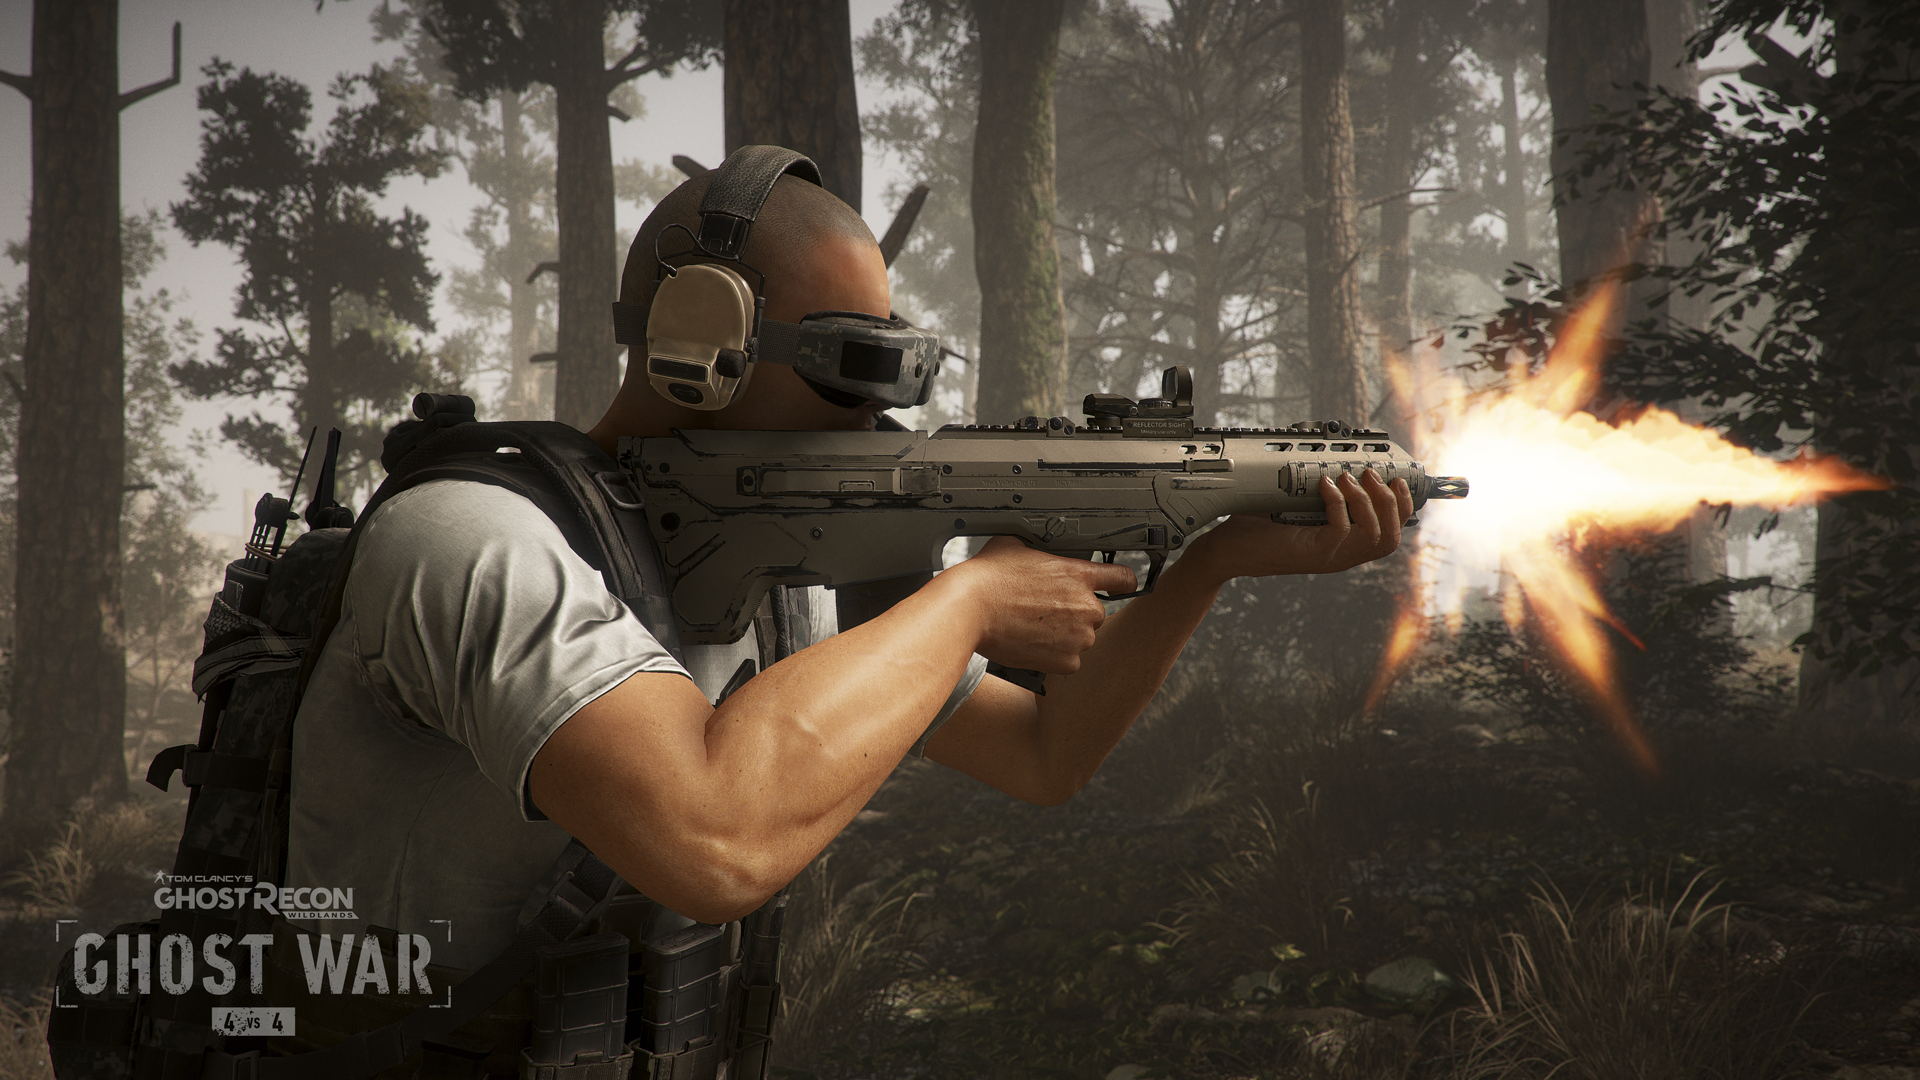 بروزرسانی رایگان بازی Ghost Recon Wildlands هفته آینده منتشر خواهد شد